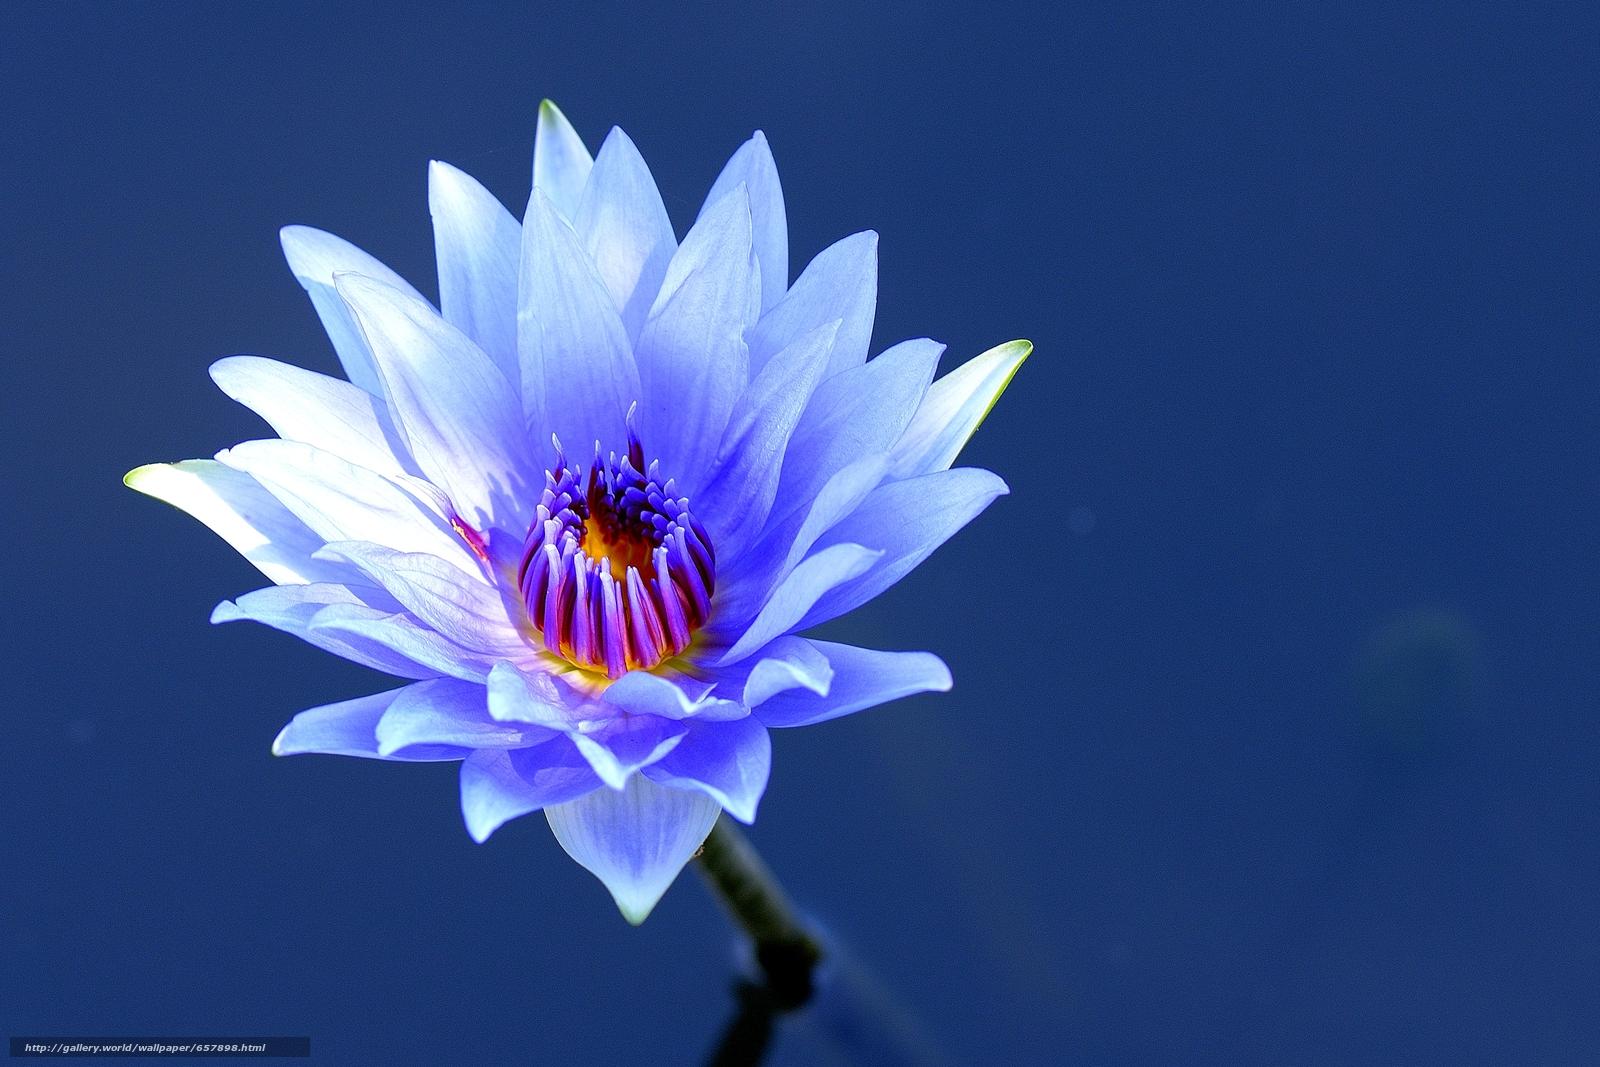 Tlcharger Fond d'ecran nénuphar,  Nénuphars,  Fleurs,  flore Fonds d'ecran gratuits pour votre rsolution du bureau 3999x2666 — image №657898